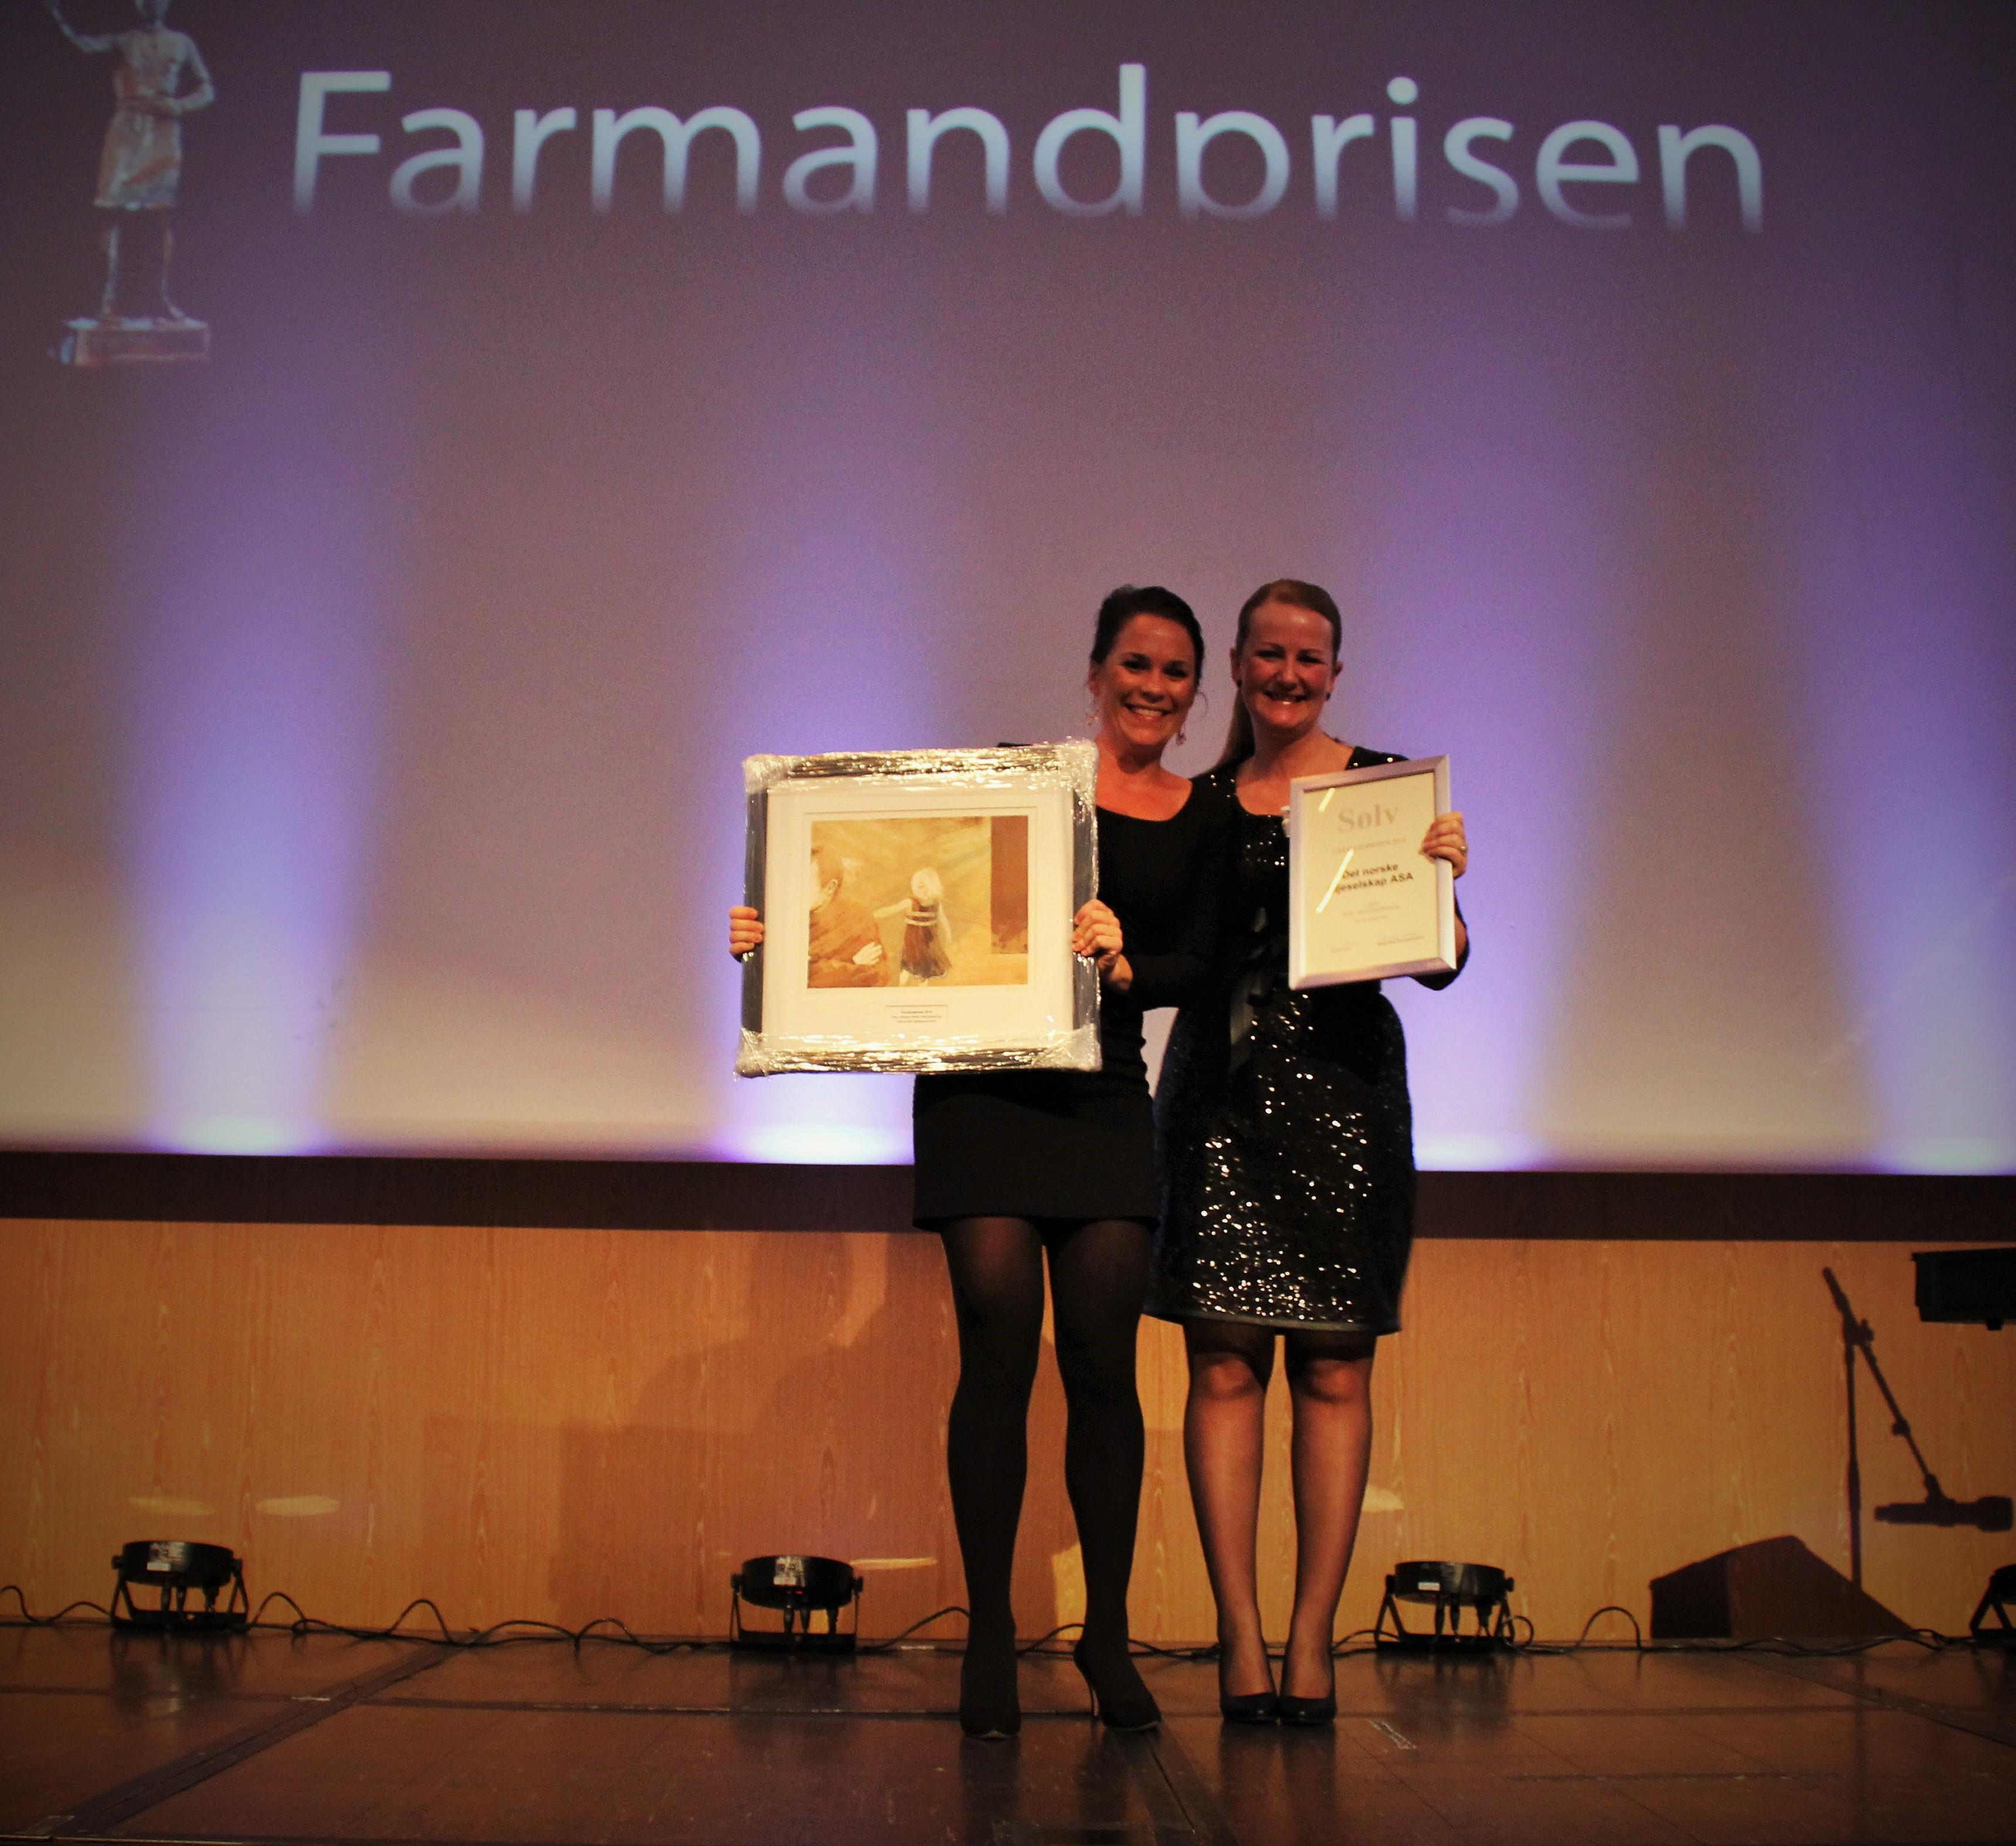 Farmandprisen Beste Årsrapport 2014 - Beste internettpublisering nr 2: Det norske oljeselskap ASA